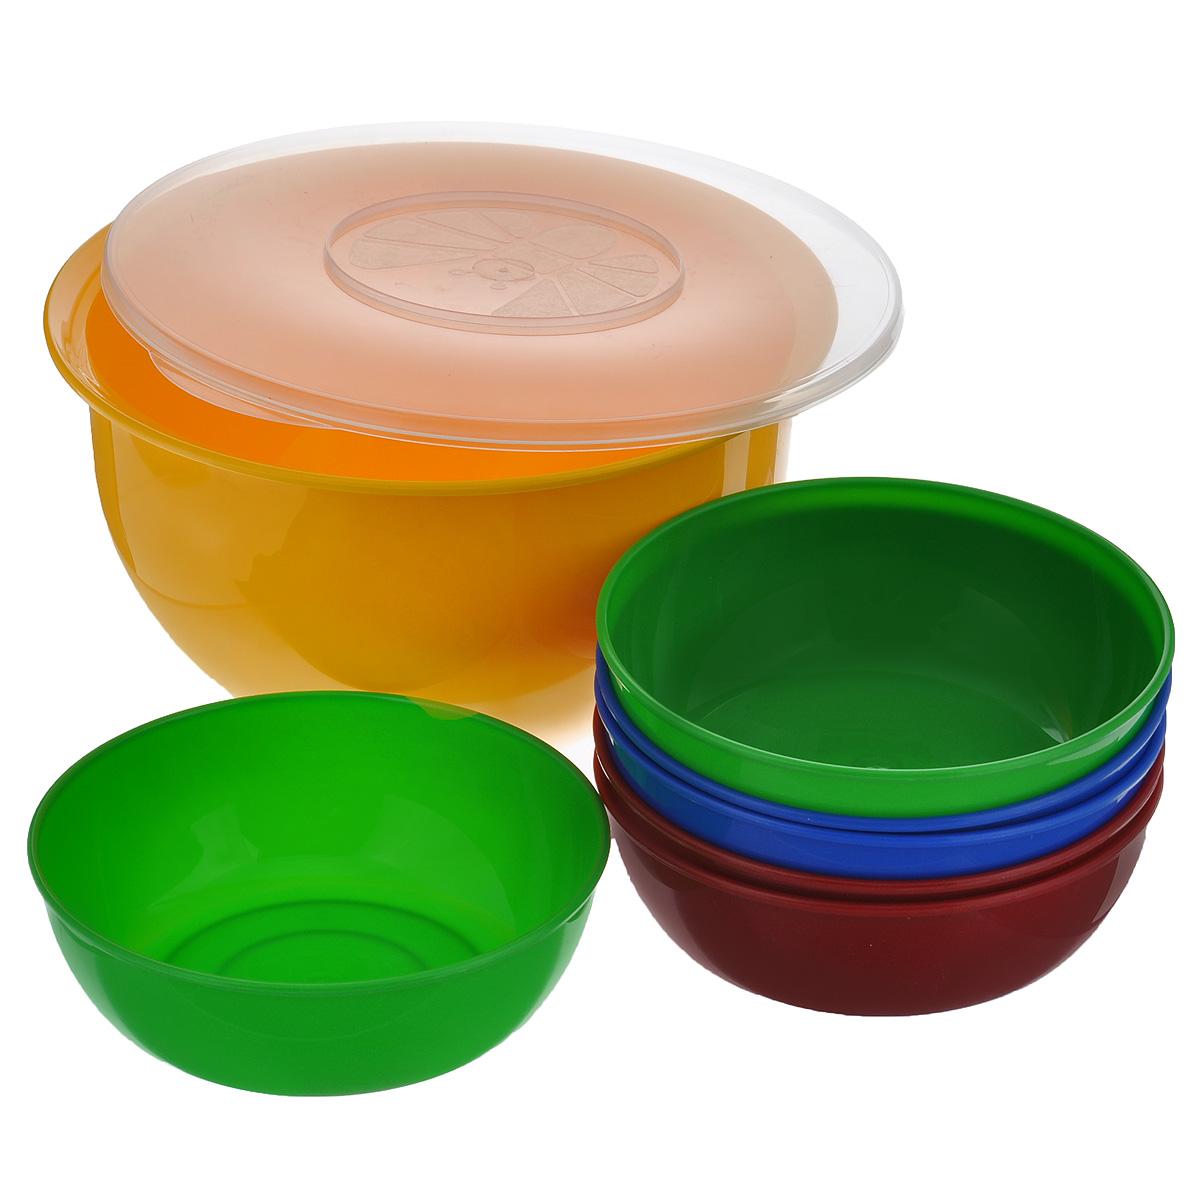 Набор посуды Solaris, 7 предметов. S16064033.000В состав набора Solaris входит 6 универсальных мисок и большая миска с герметичной крышкой. Большую миску можно использовать как пищевой контейнер, для приготовления салата, мариновки шашлыка и т.п.Свойства посуды:Посуда из ударопрочного пищевого полипропилена предназначена для многократного использования. Легкая, прочная и износостойкая, экологически чистая, эта посуда работает в диапазоне температур от -25°С до +110°С. Можно мыть в посудомоечной машине. Эта посуда также обеспечивает:Хранение горячих и холодных пищевых продуктов;Разогрев продуктов в микроволновой печи;Приготовление пищи в микроволновой печи на пару (пароварка);Хранение продуктов в холодильной и морозильной камере;Кипячение воды с помощью электрокипятильника.Объем большой миски: 3 л.Диаметр большой миски: 22,5 см.Высота большой миски: 12,7 см.Объем небольших мисок: 0,6 л.Диаметр небольших мисок: 15,3 см.Высота небольших мисок: 5,3 см.